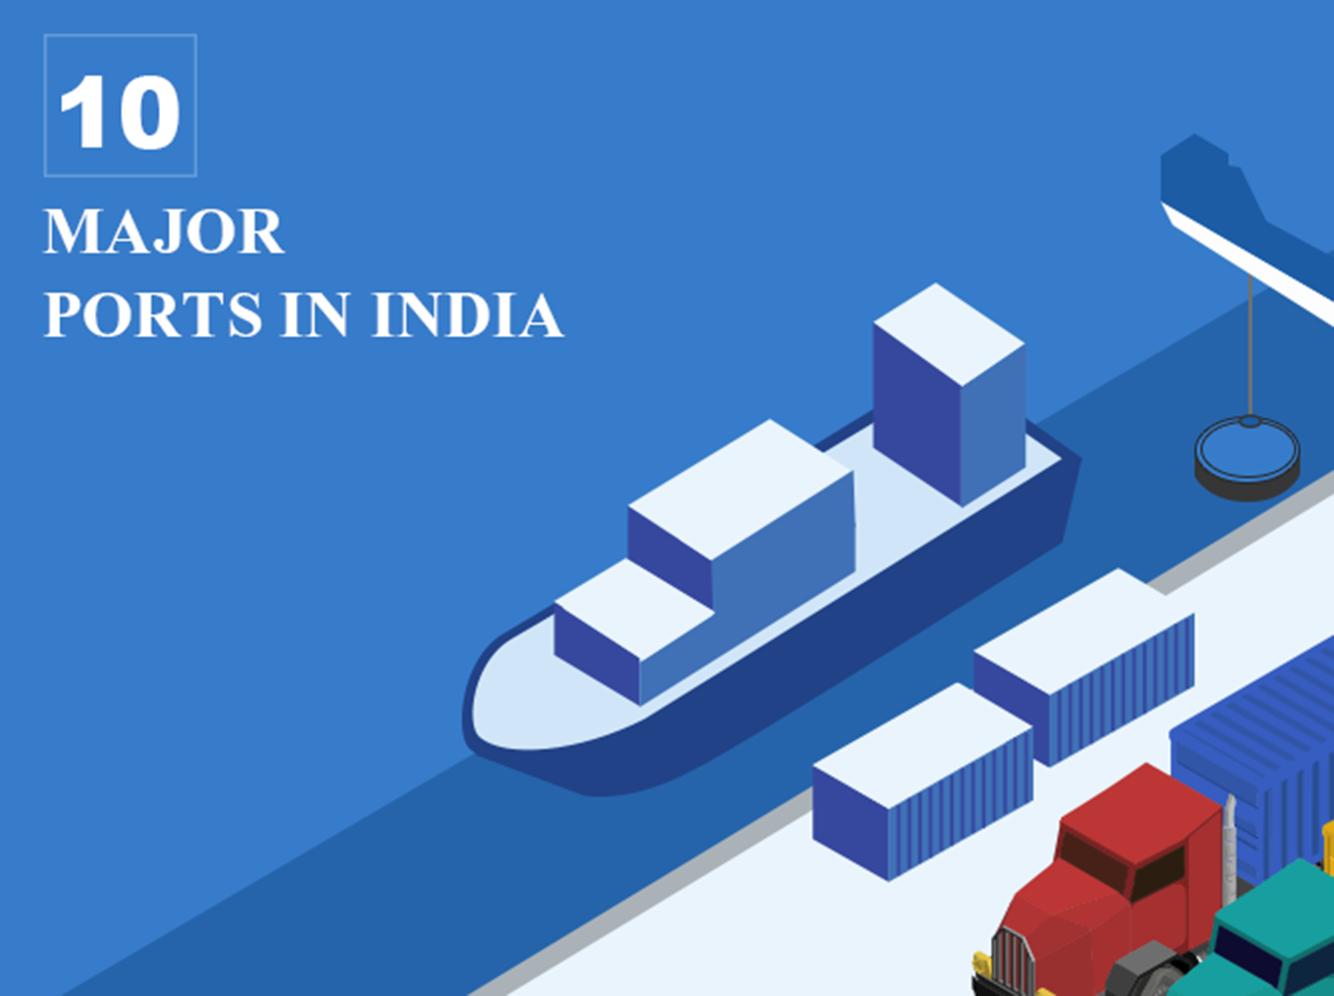 10 Major Ports in India